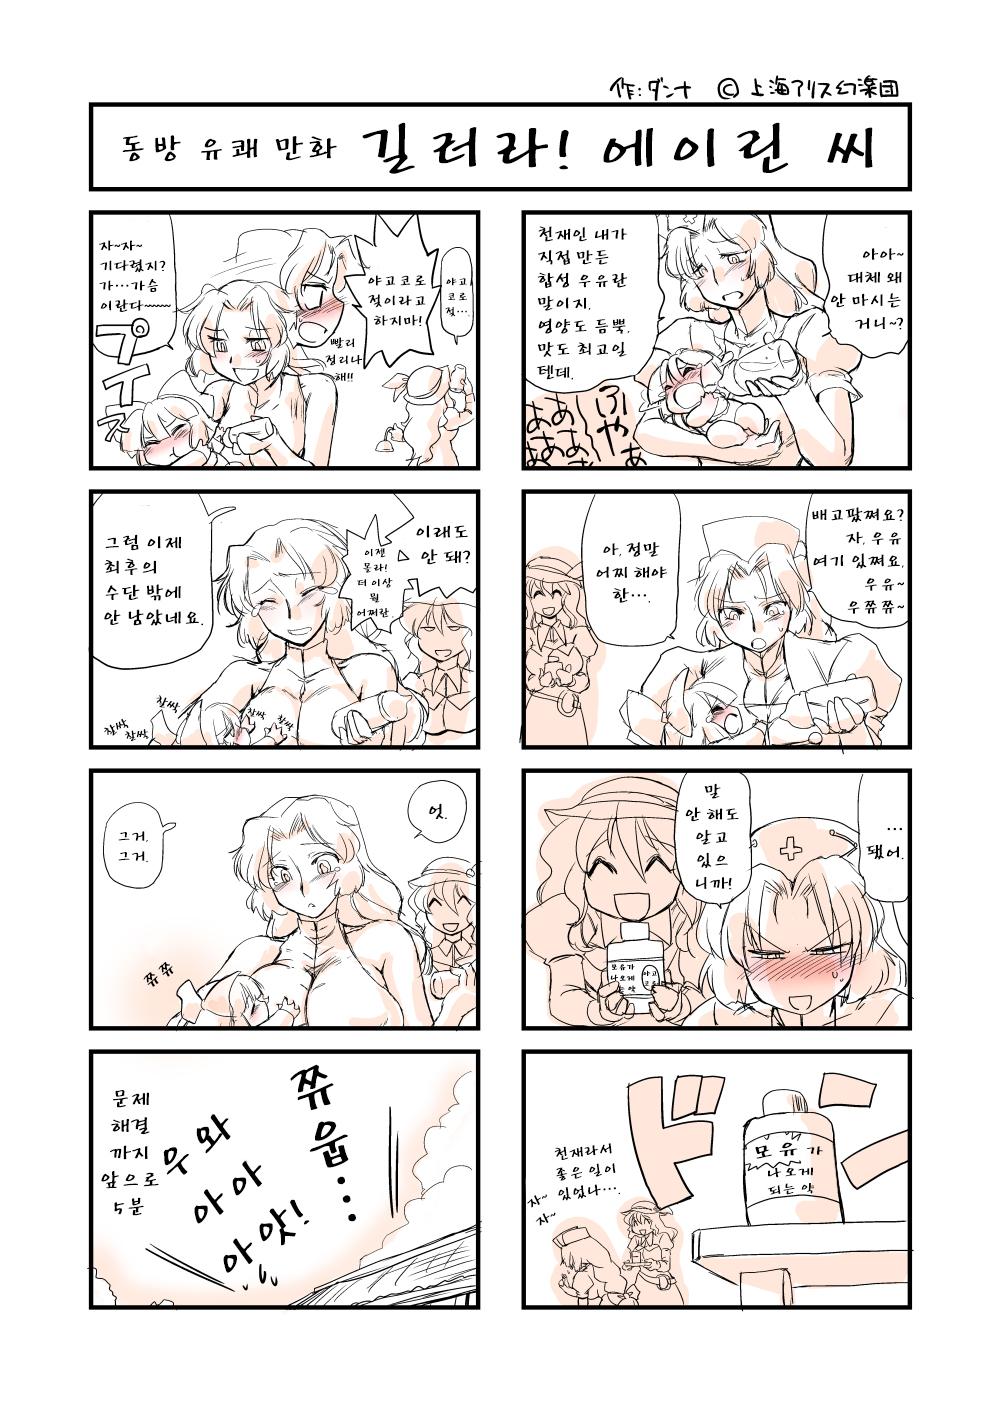 東方ゆかいまんが「育め!永琳さん」(동방 유쾌..